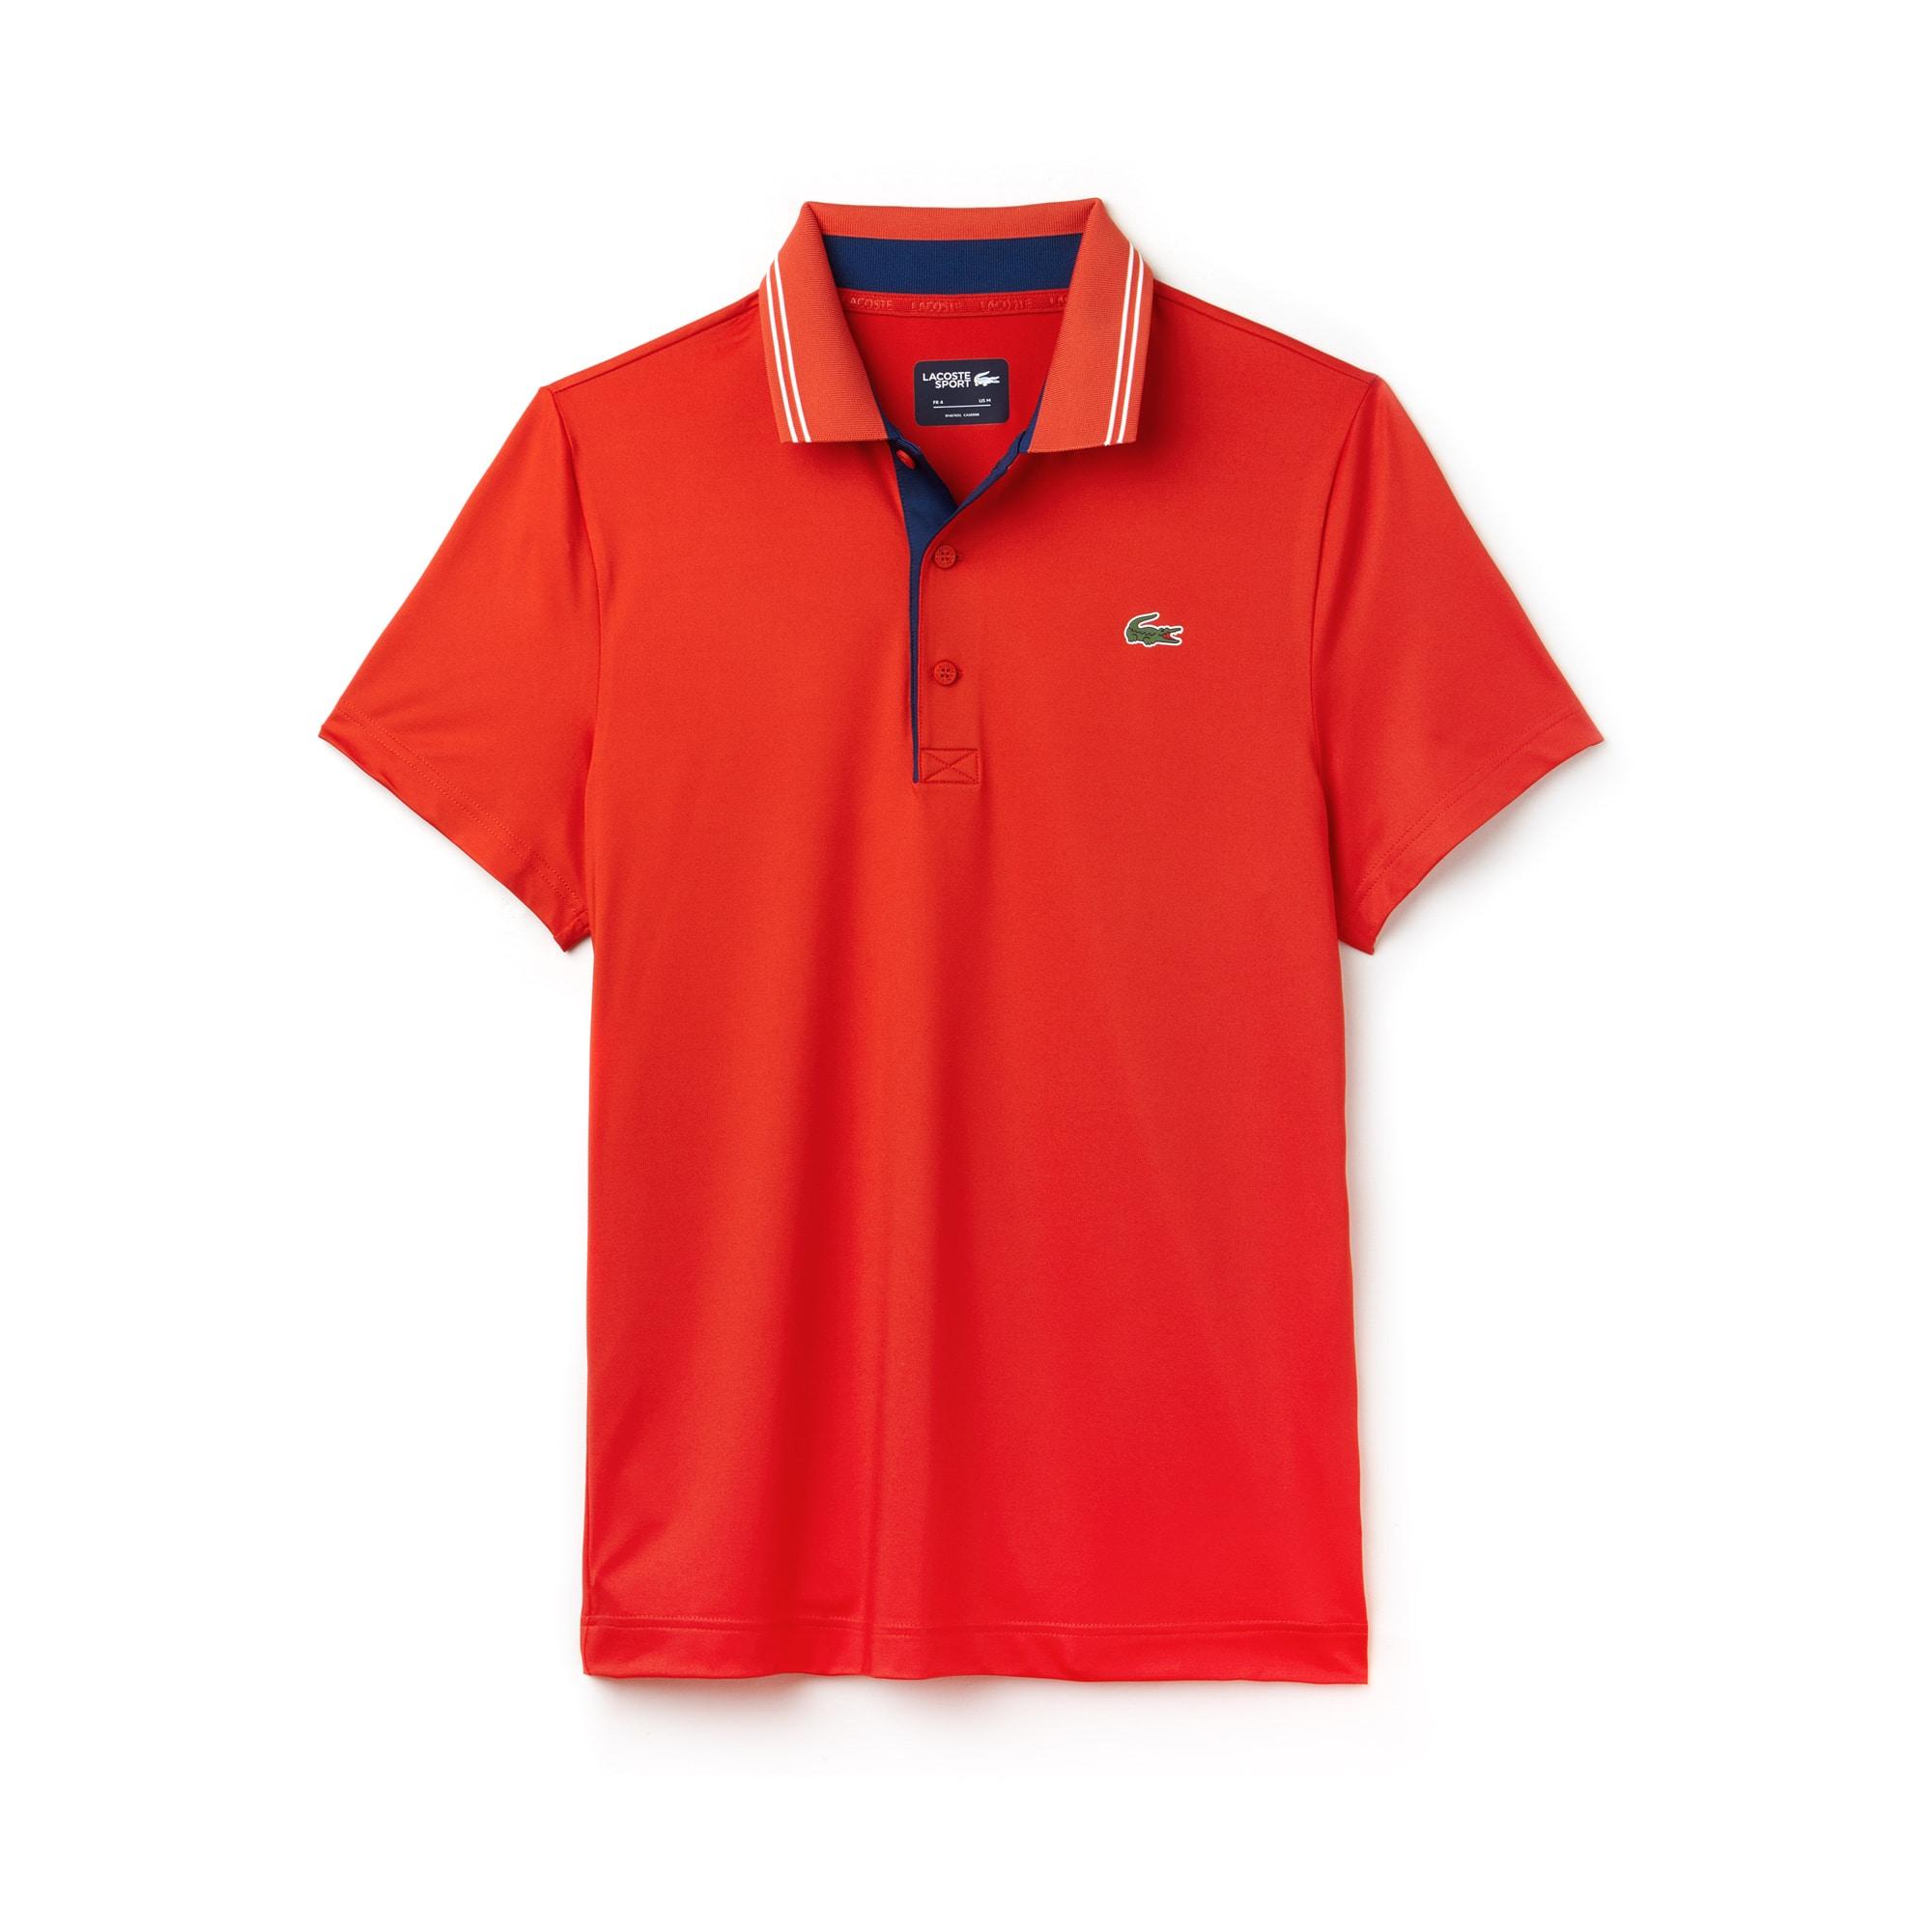 Lacoste - Herren LACOSTE SPORT Stretch Golf-Poloshirt mit Schriftzug - 3